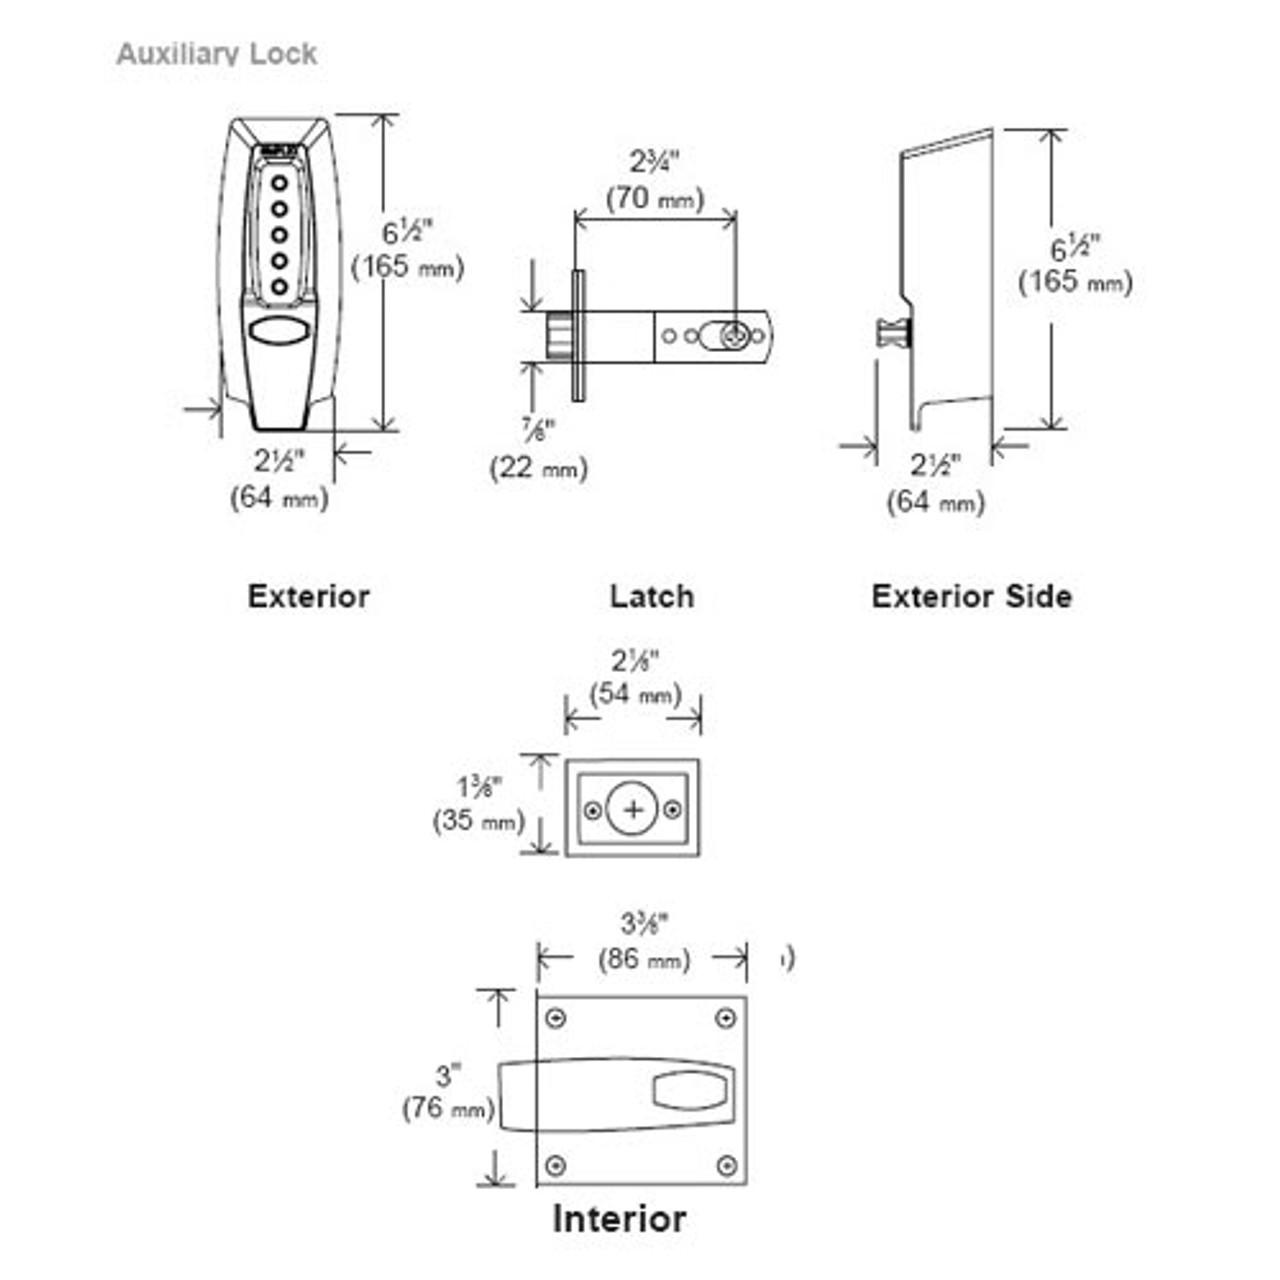 7106 19 41 simplex pushbutton keyless latch lock in black lock simplex lock diagram source [ 1280 x 1280 Pixel ]